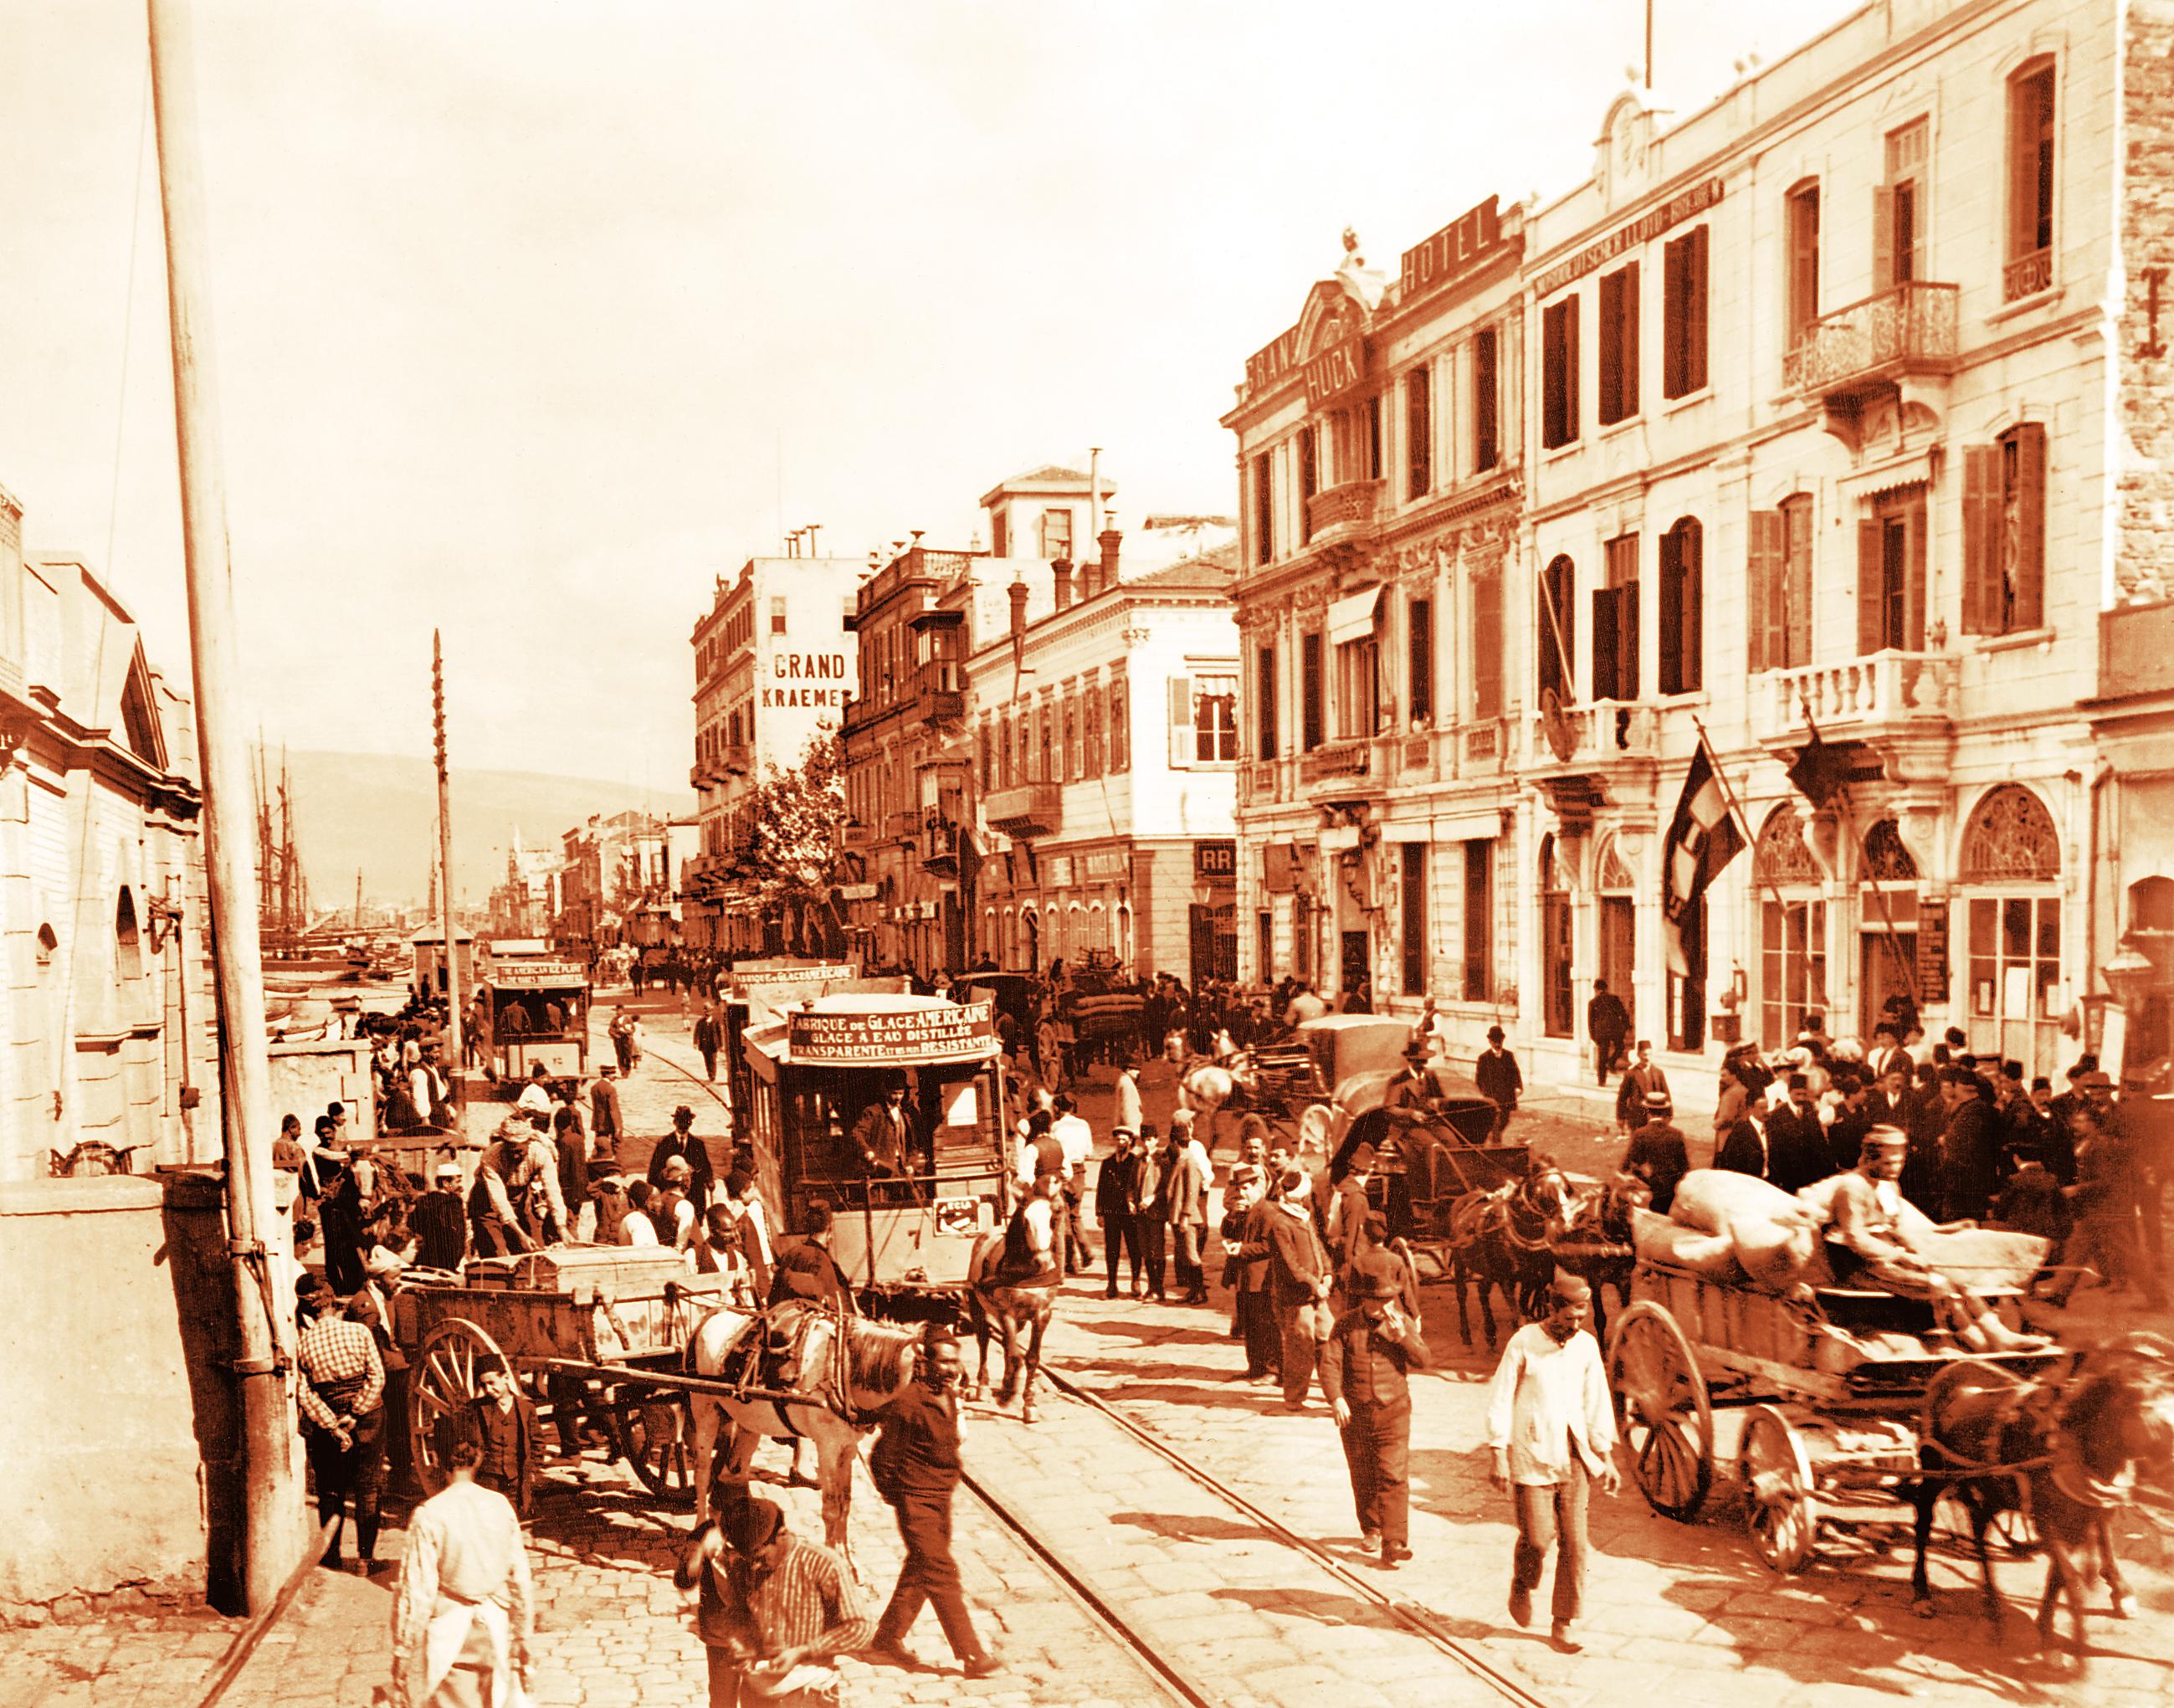 Δήμος Ν. Σμύρνης: Εκδηλώσεις για τα 95 χρόνια από την καταστροφή της Σμύρνης | tovima.gr